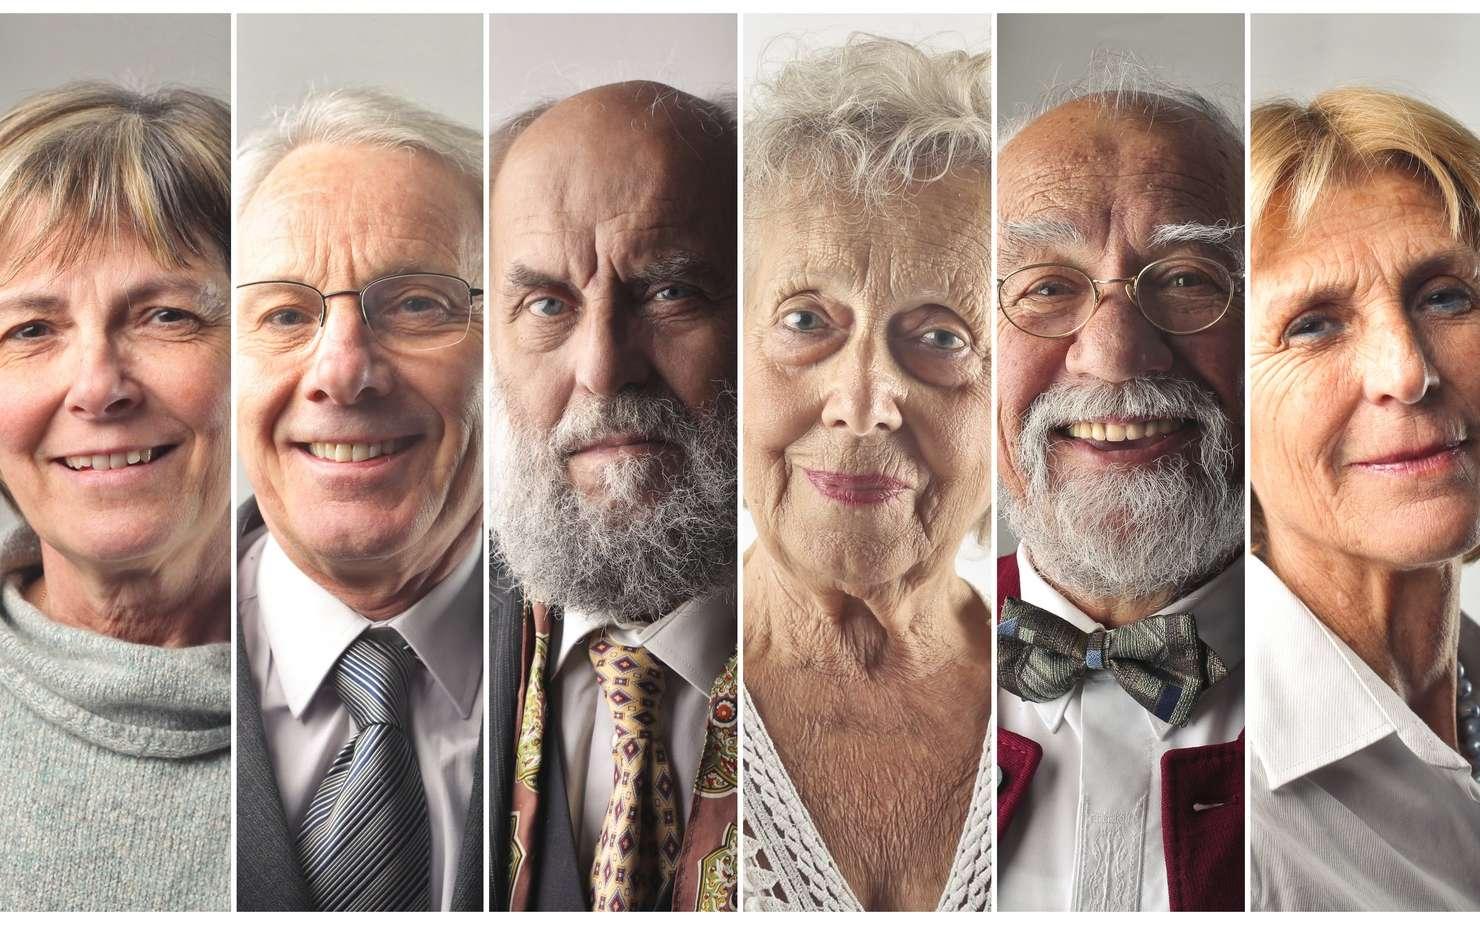 L'espérance de vie va continuer à progresser dans les pays développés pour se rapprocher des 90 ans chez les femmes. © olly, Fotolia